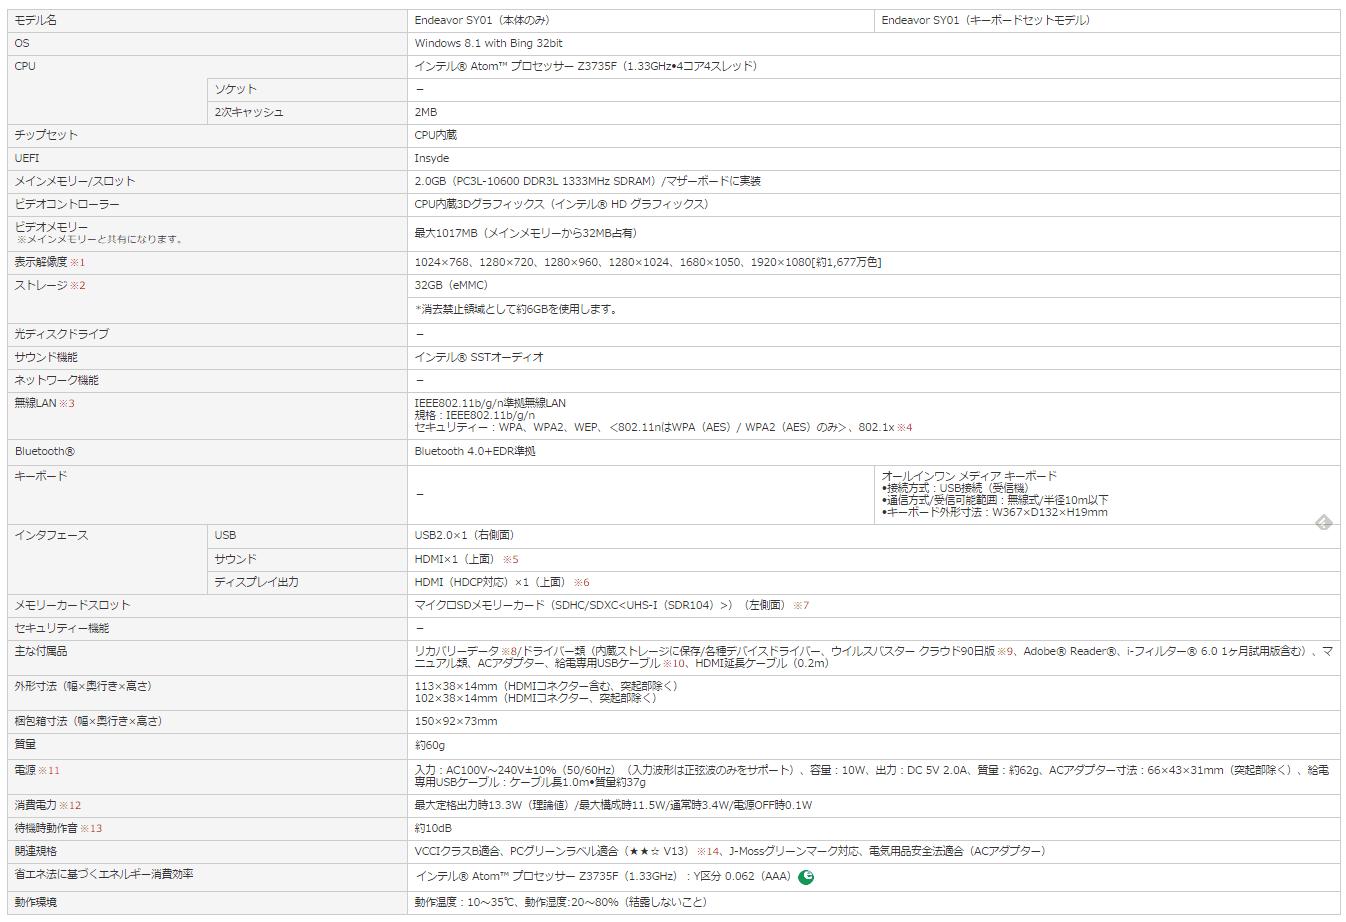 EPSON Endeavor SY01 スペック表